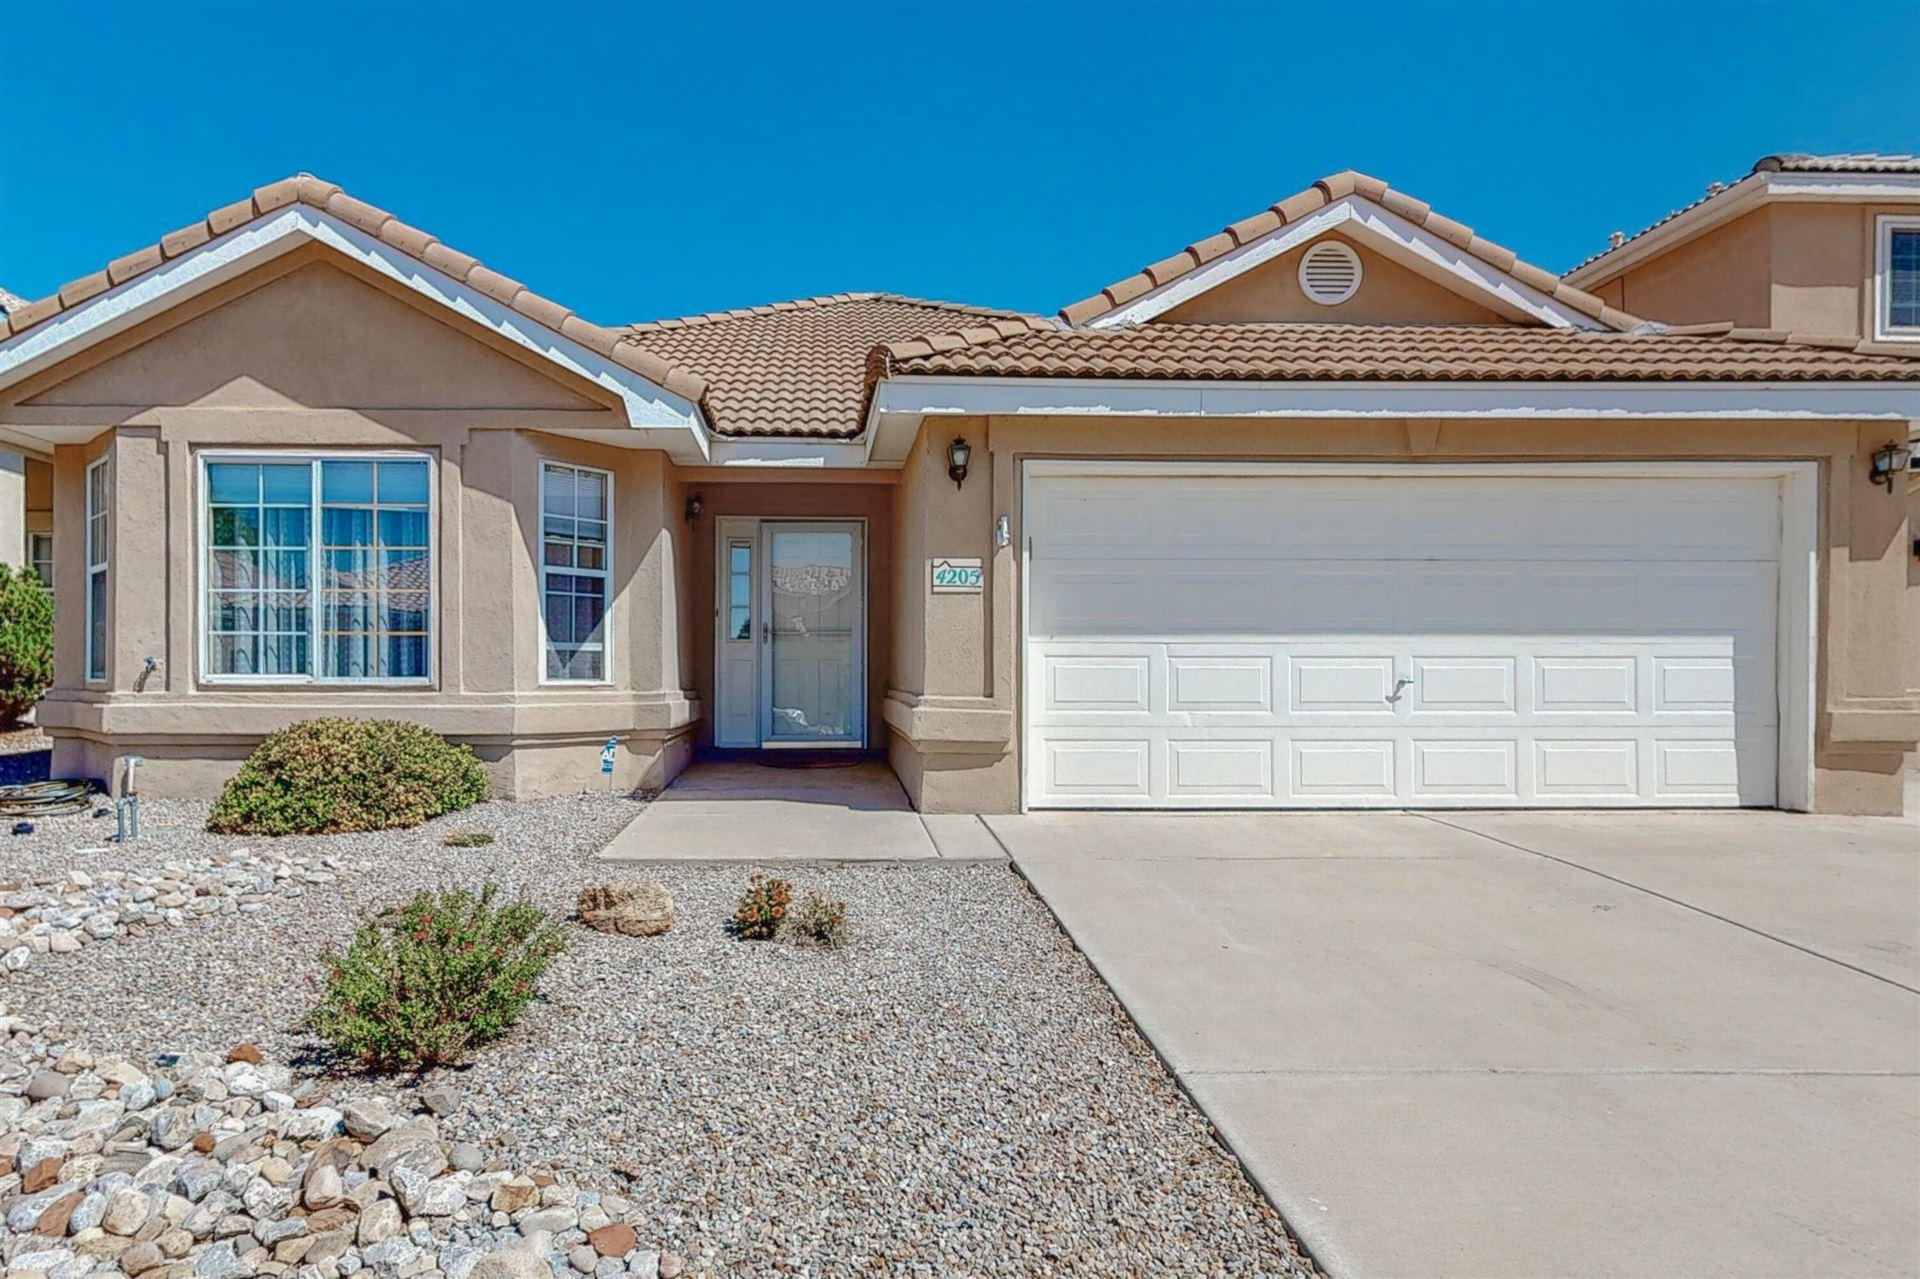 4205 S RIDGERUNNER Road NW, Albuquerque, NM 87114 - #: 1000507